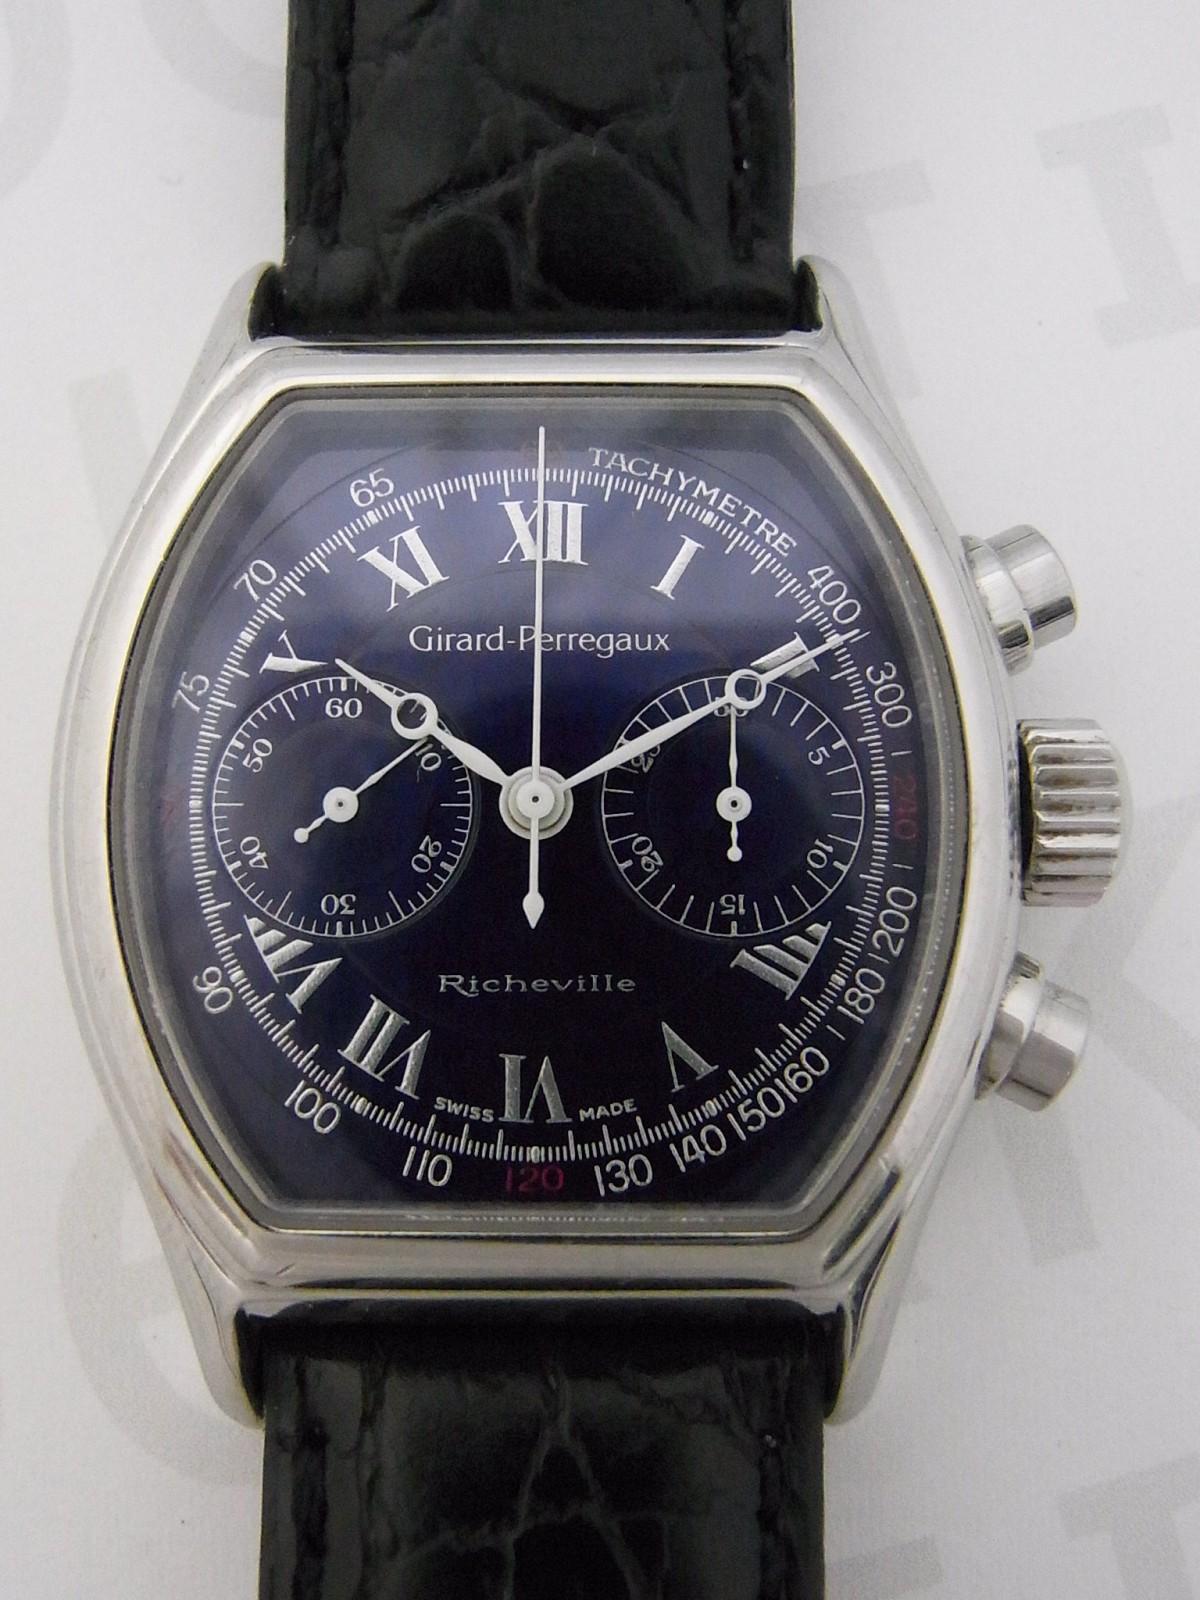 c69bf89e8eb Girard Perregaux richeville 2710 relógio usados (€419) - Timepeaks